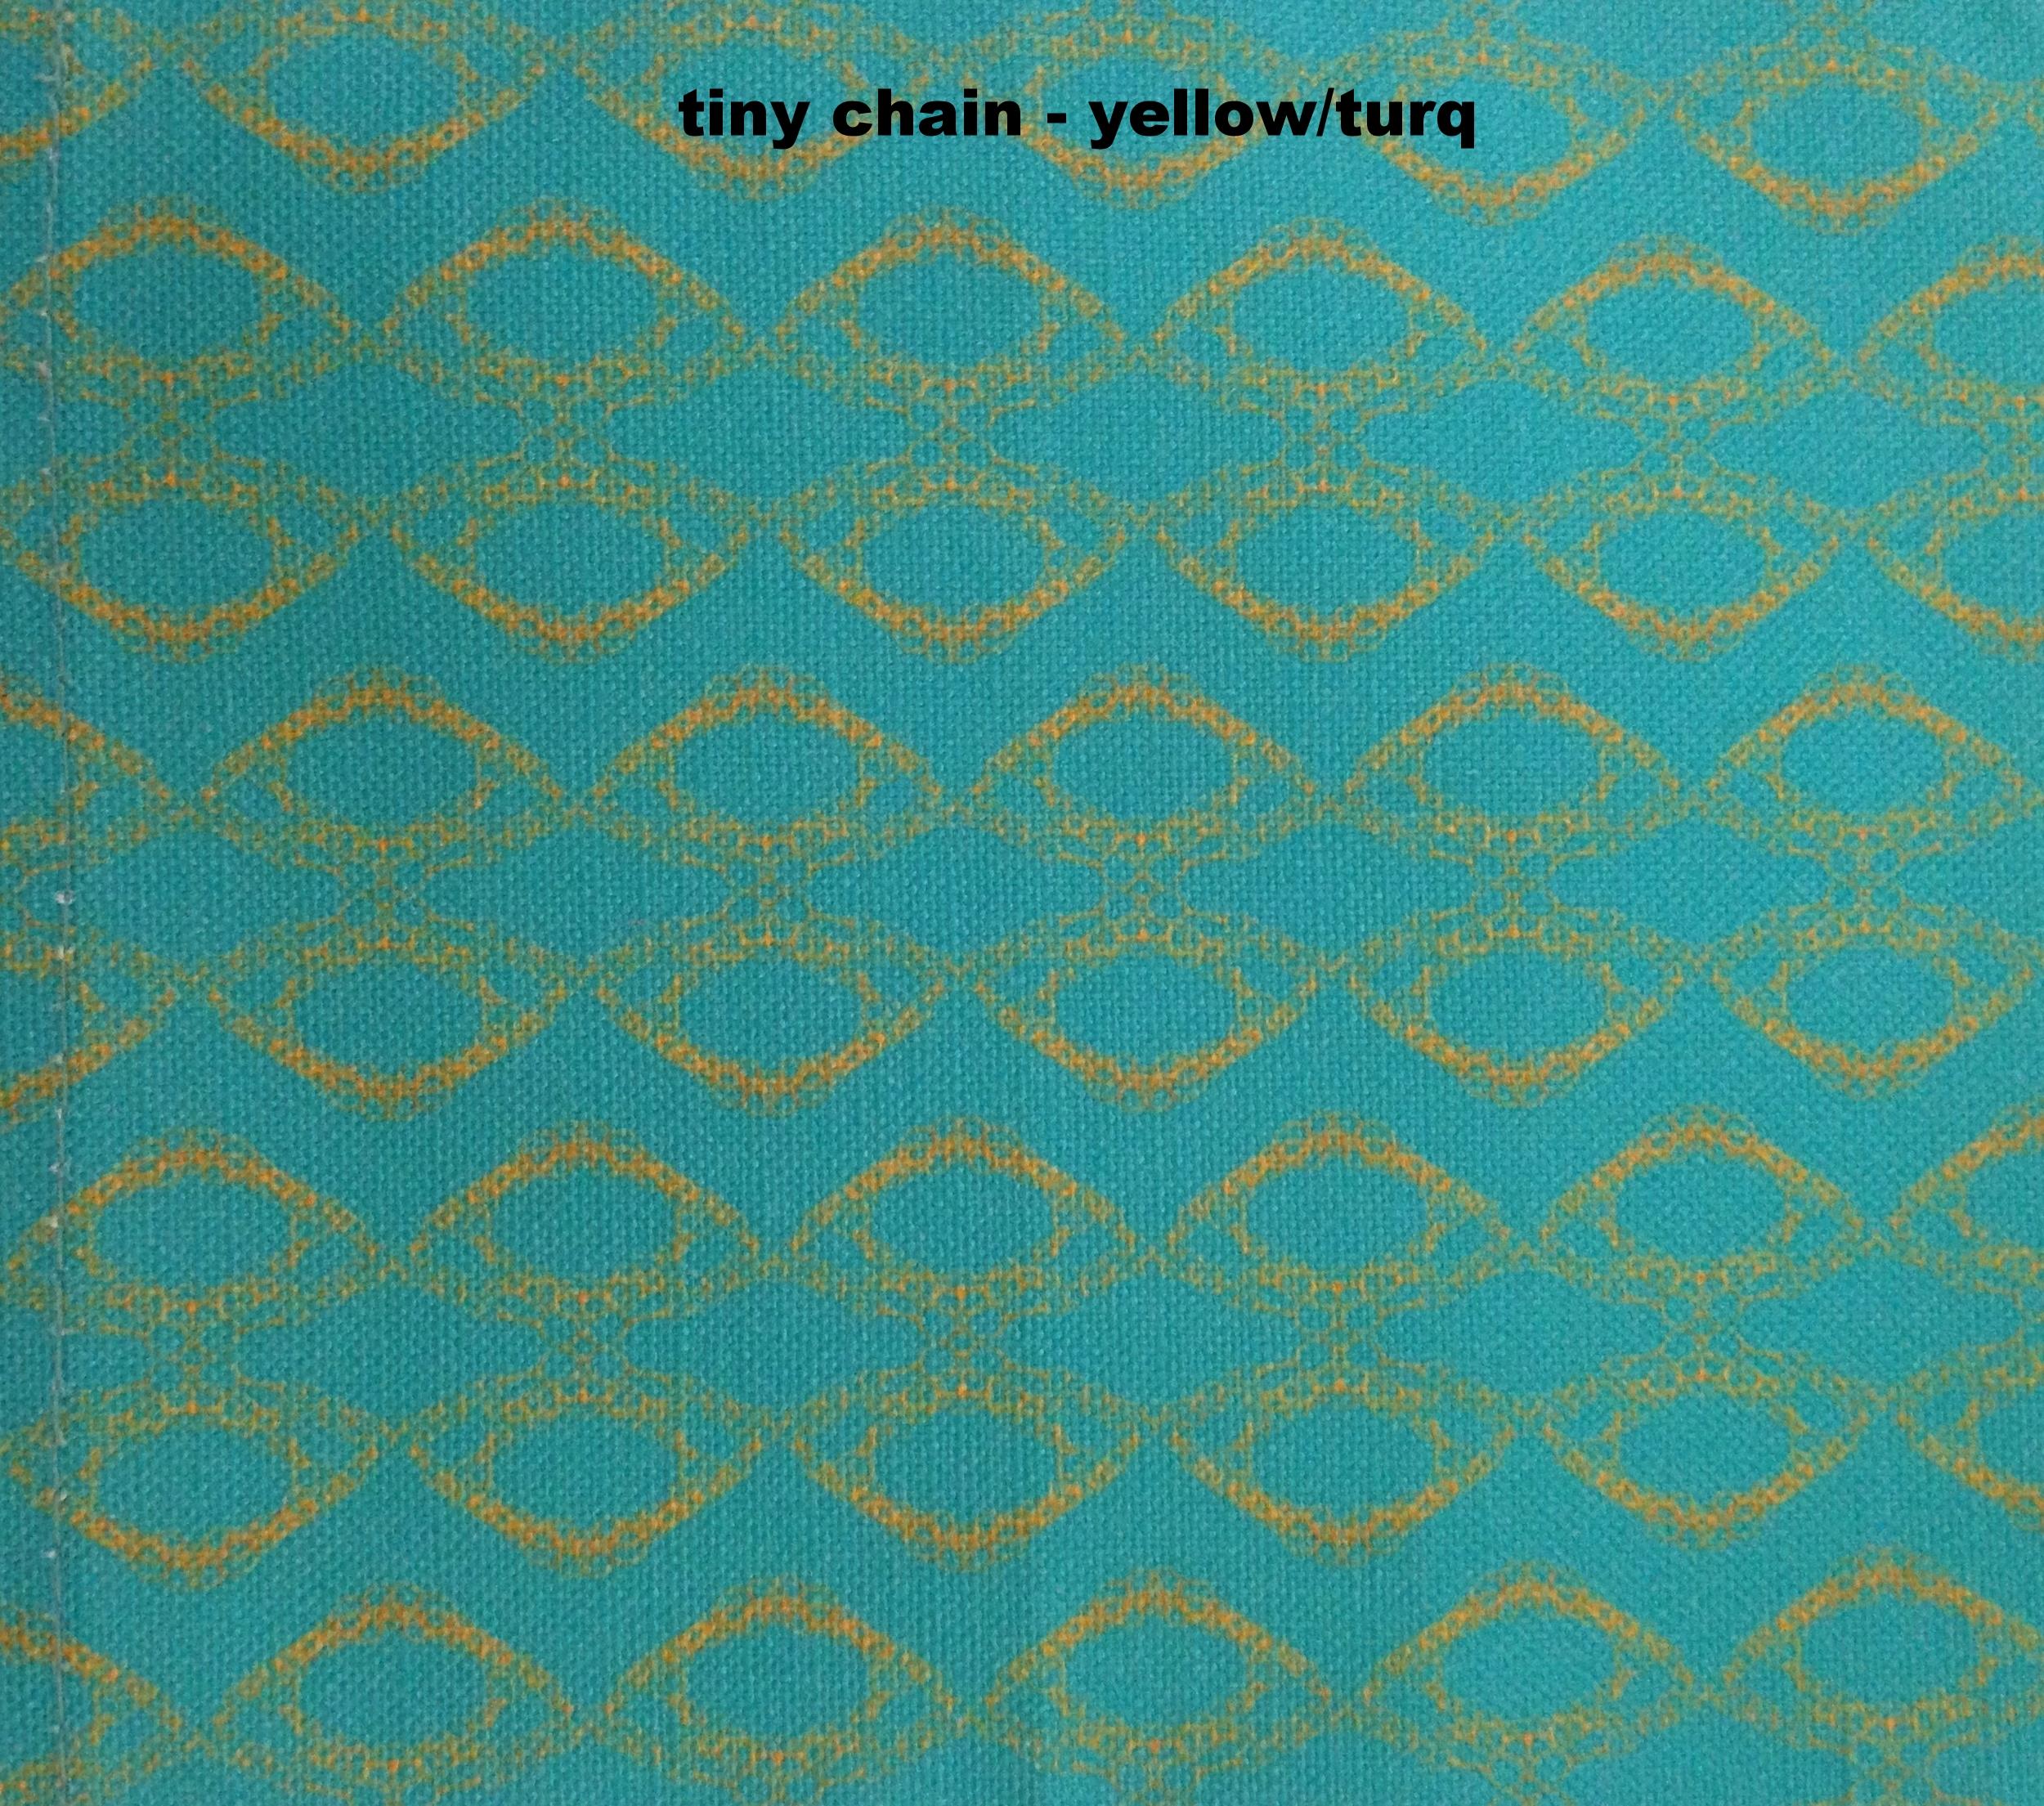 mini chain/yellow on turq